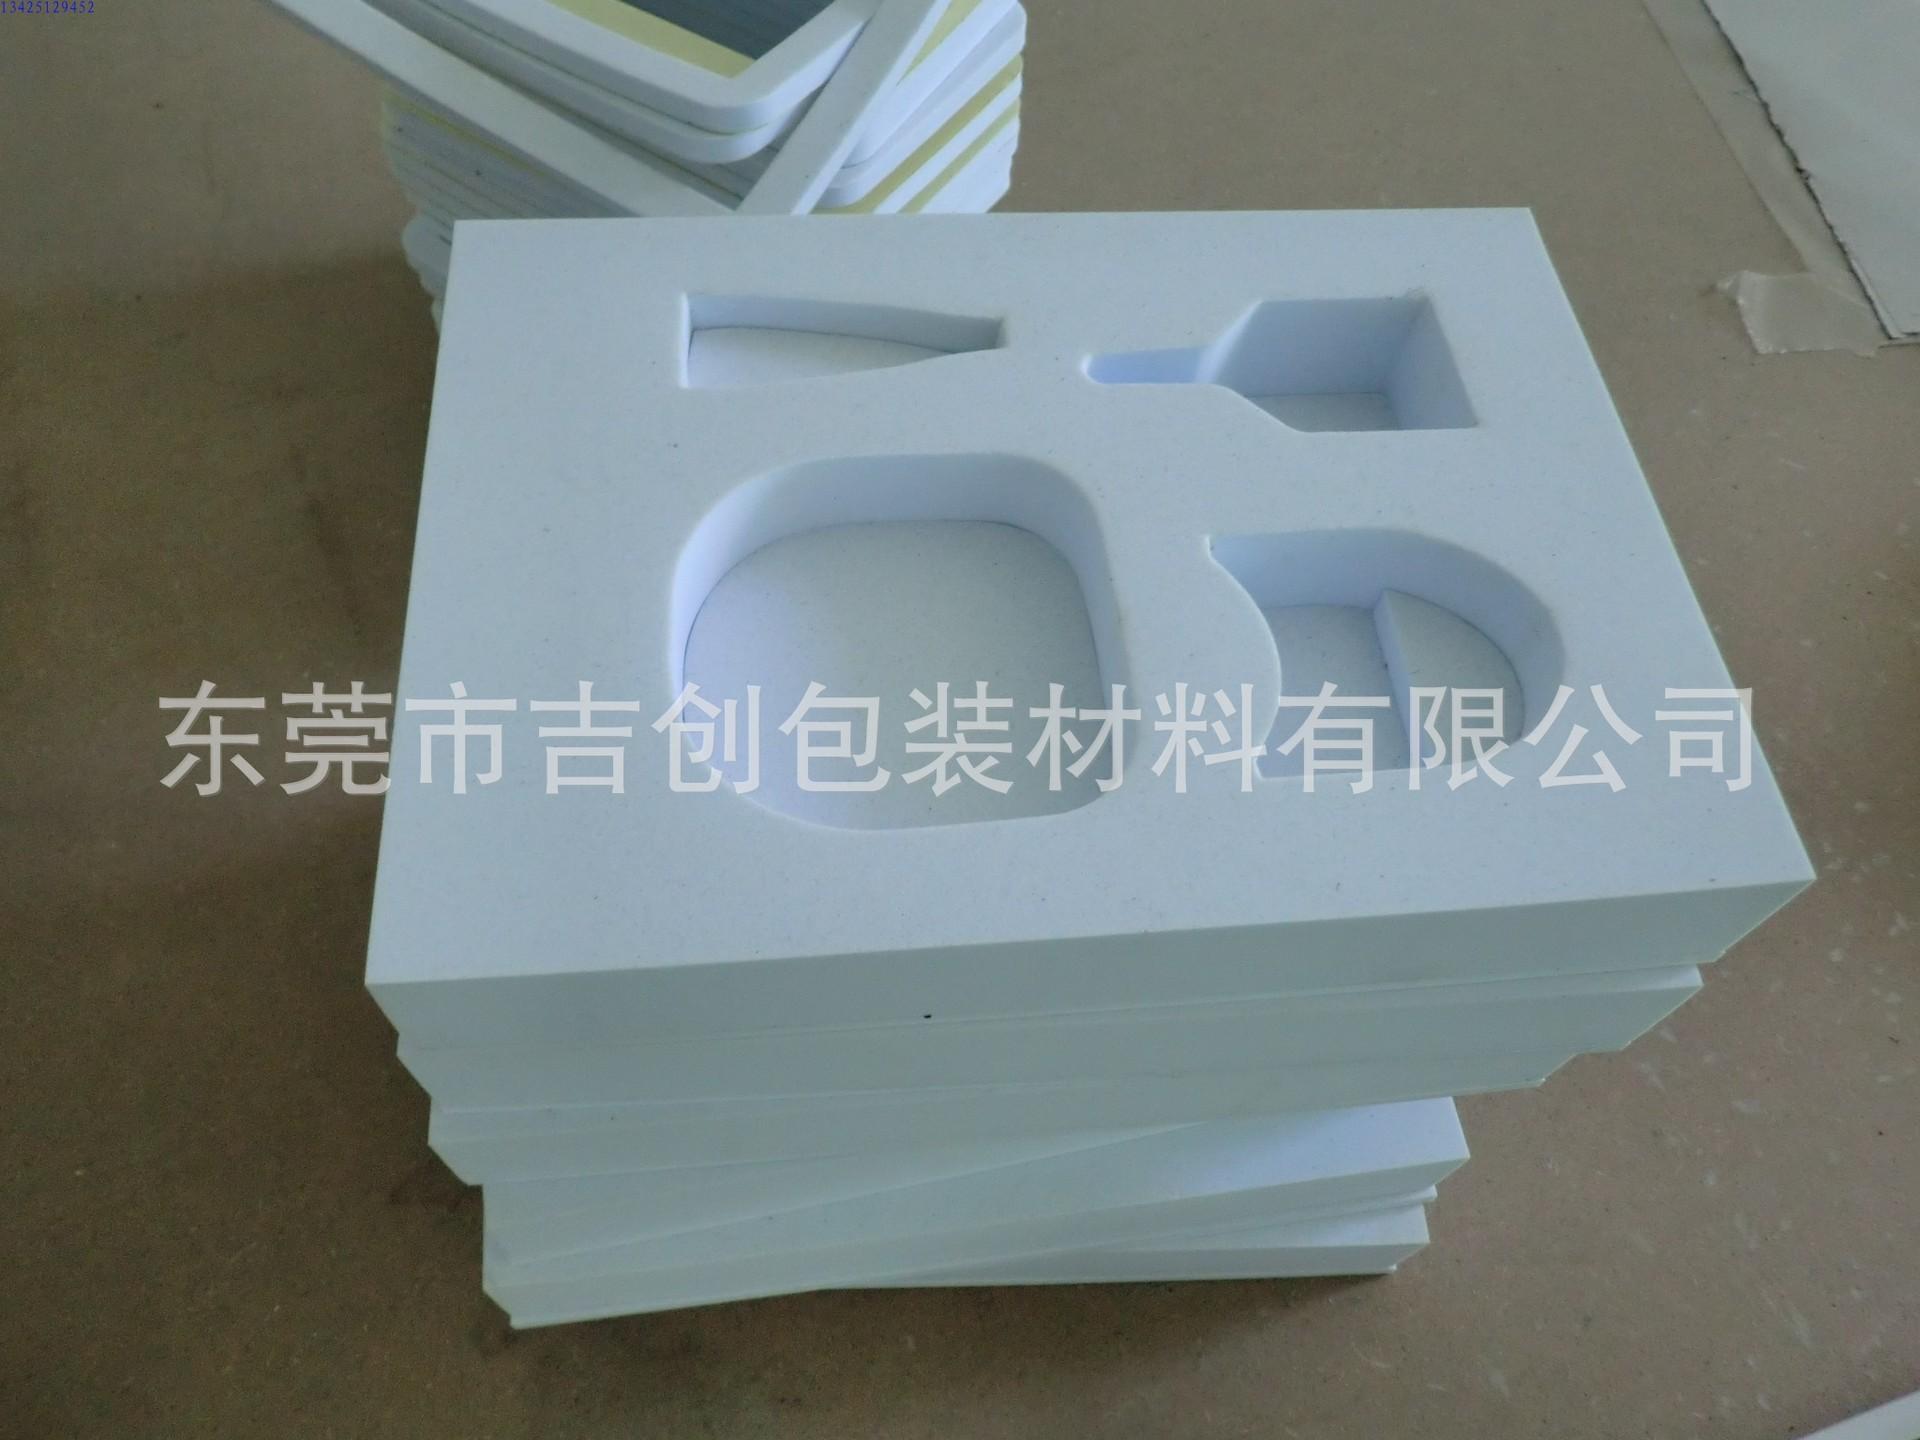 厂家直销 eva包装盒 EVA泡棉防震内衬 可免费设计